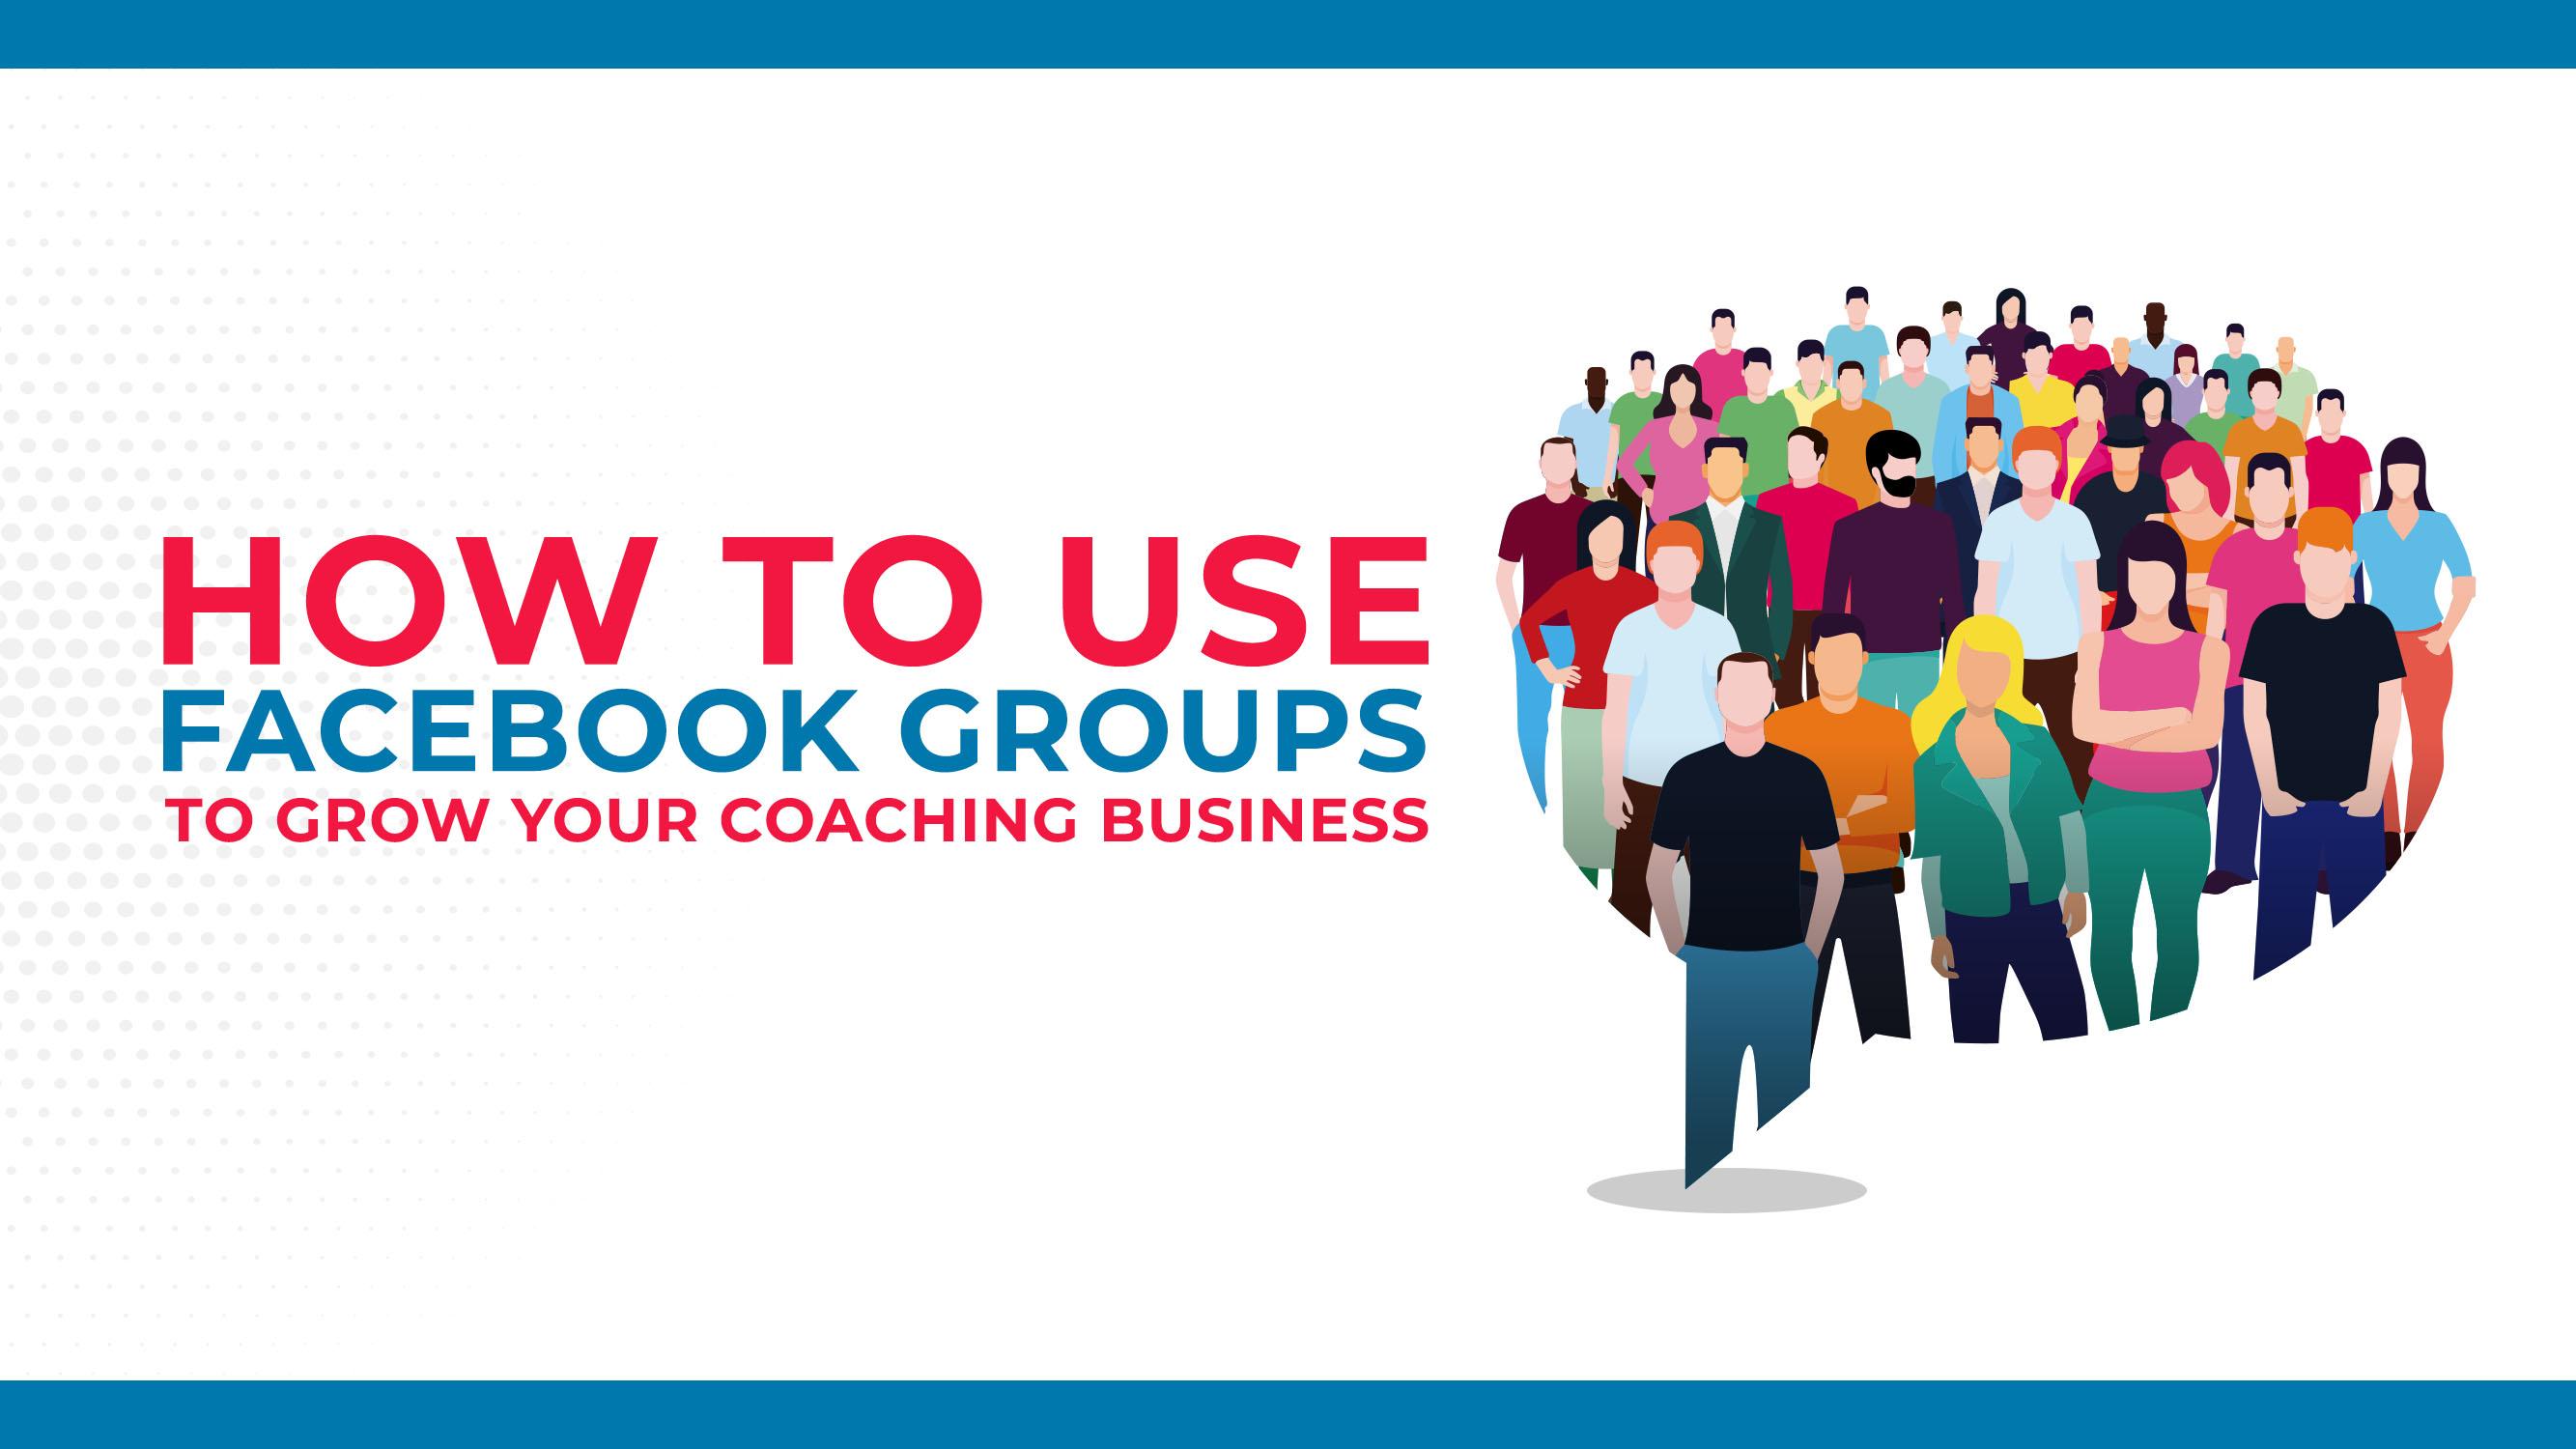 Como usar os grupos do Facebook para aumentar seu negócio de Coaching